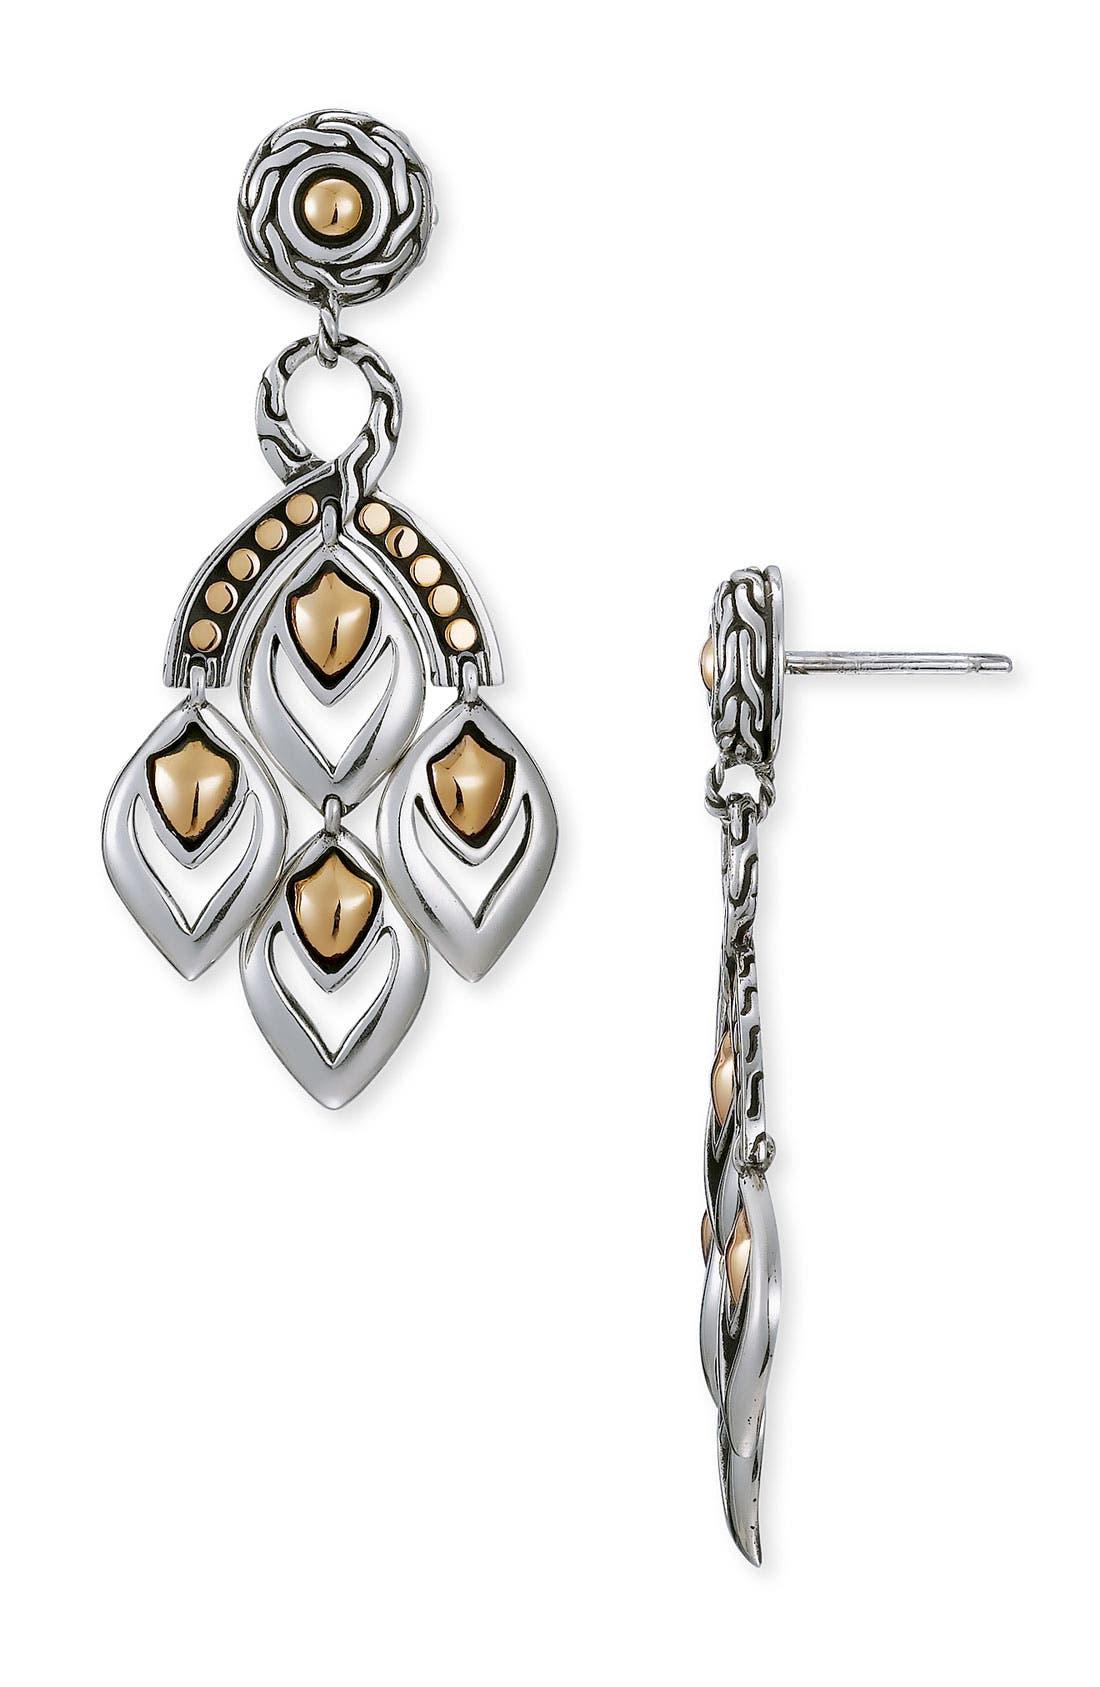 'Naga' Mini Chandelier Earrings,                             Main thumbnail 1, color,                             SILVER / GOLD